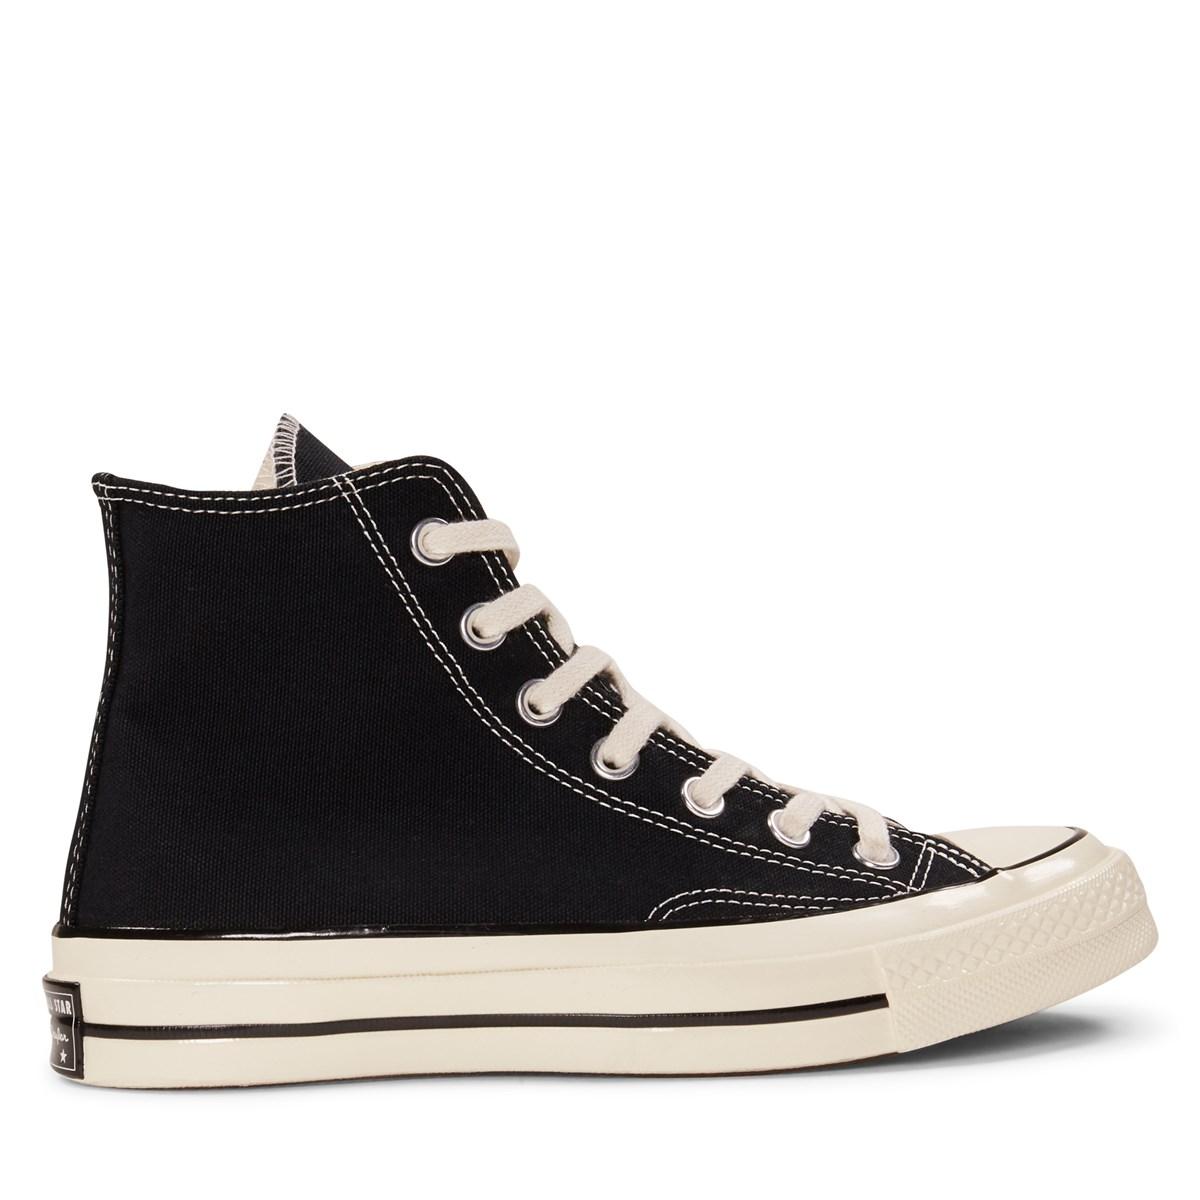 069d8b37091379 Women s Chuck Taylor All Star  70 High Top Sneaker. Previous. default view  ...